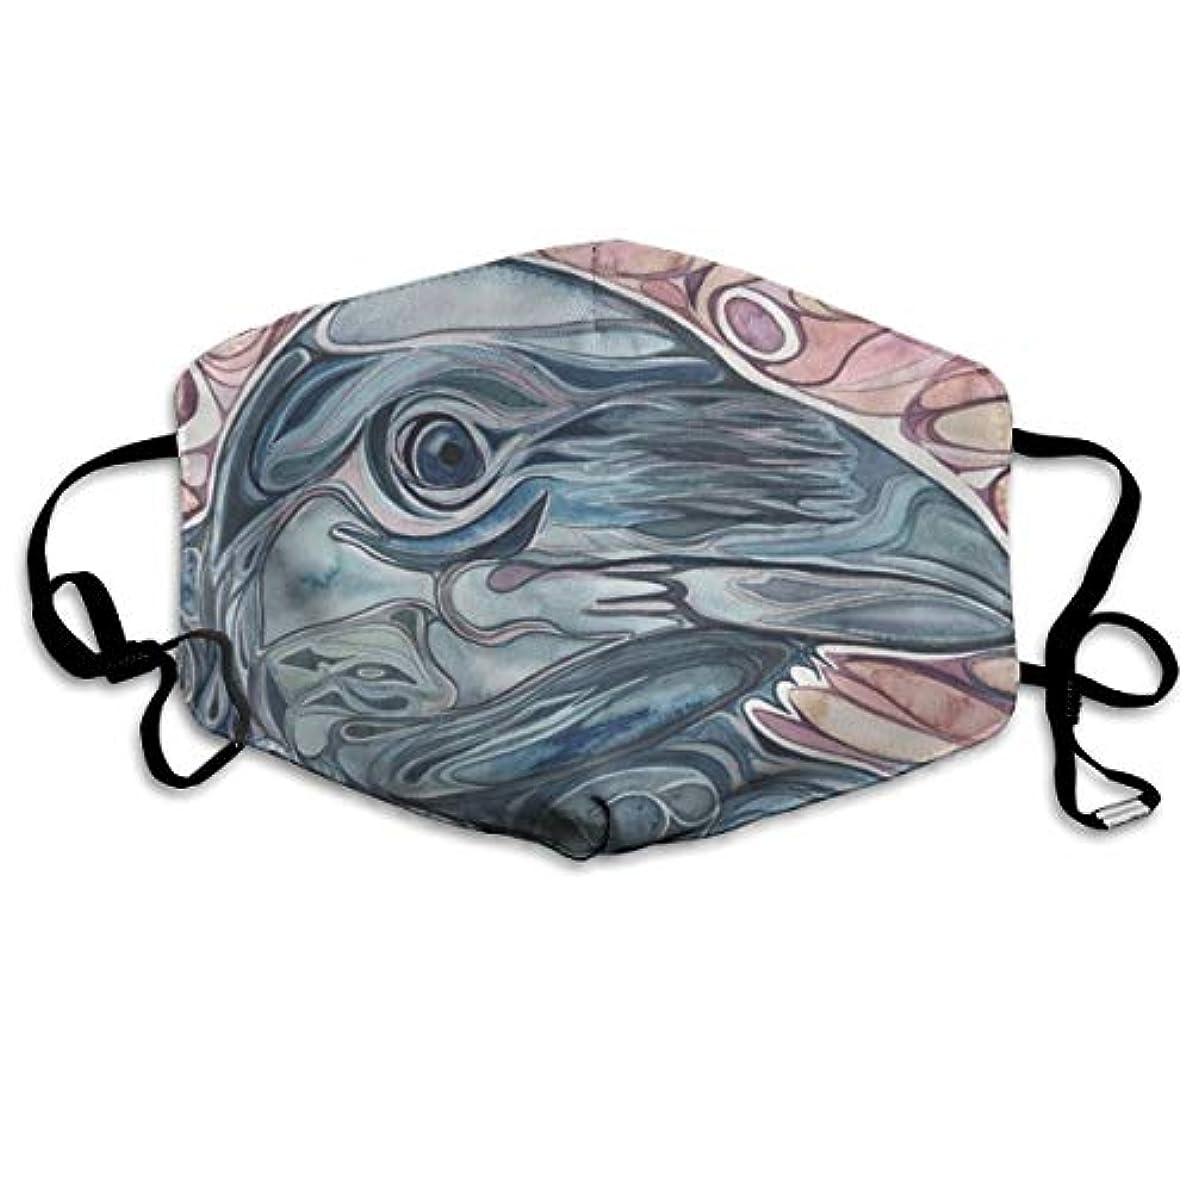 優雅なぼろ講堂Morningligh イーグル マスク 使い捨てマスク ファッションマスク 個別包装 まとめ買い 防災 避難 緊急 抗菌 花粉症予防 風邪予防 男女兼用 健康を守るため